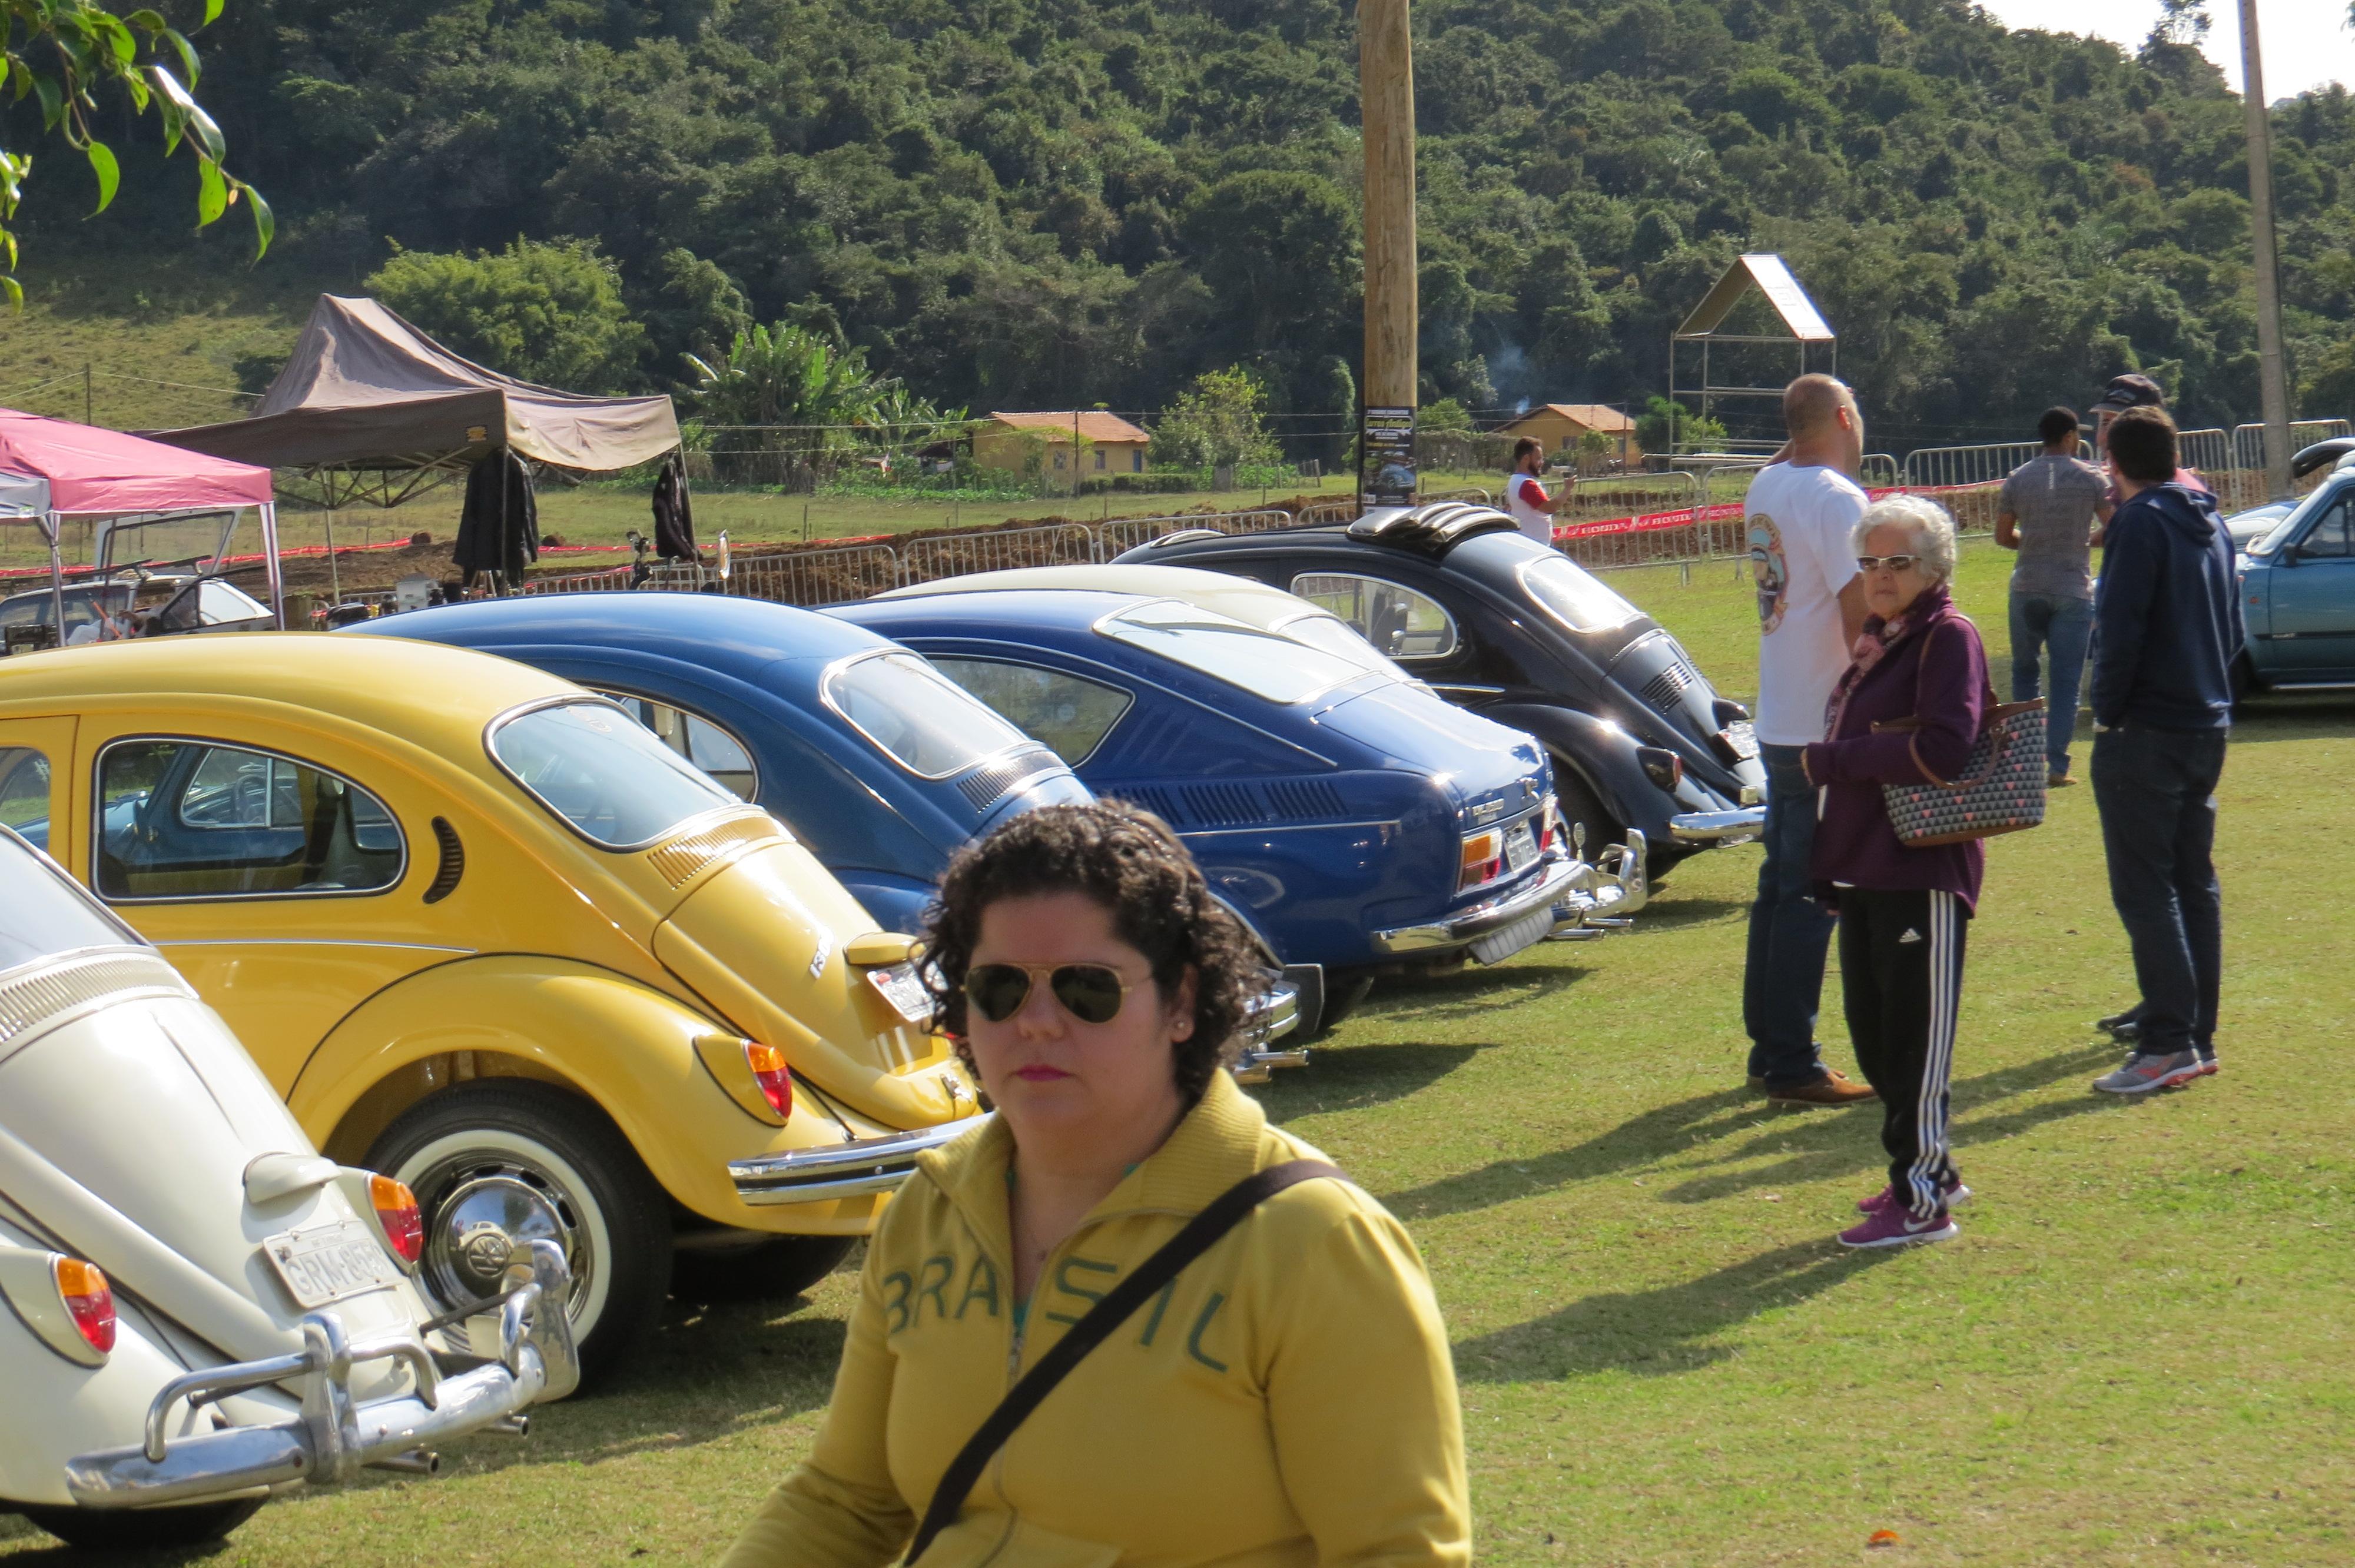 IMG 4880 - 3º Grande Encontro dos Carros Antigos do Sul de Minas